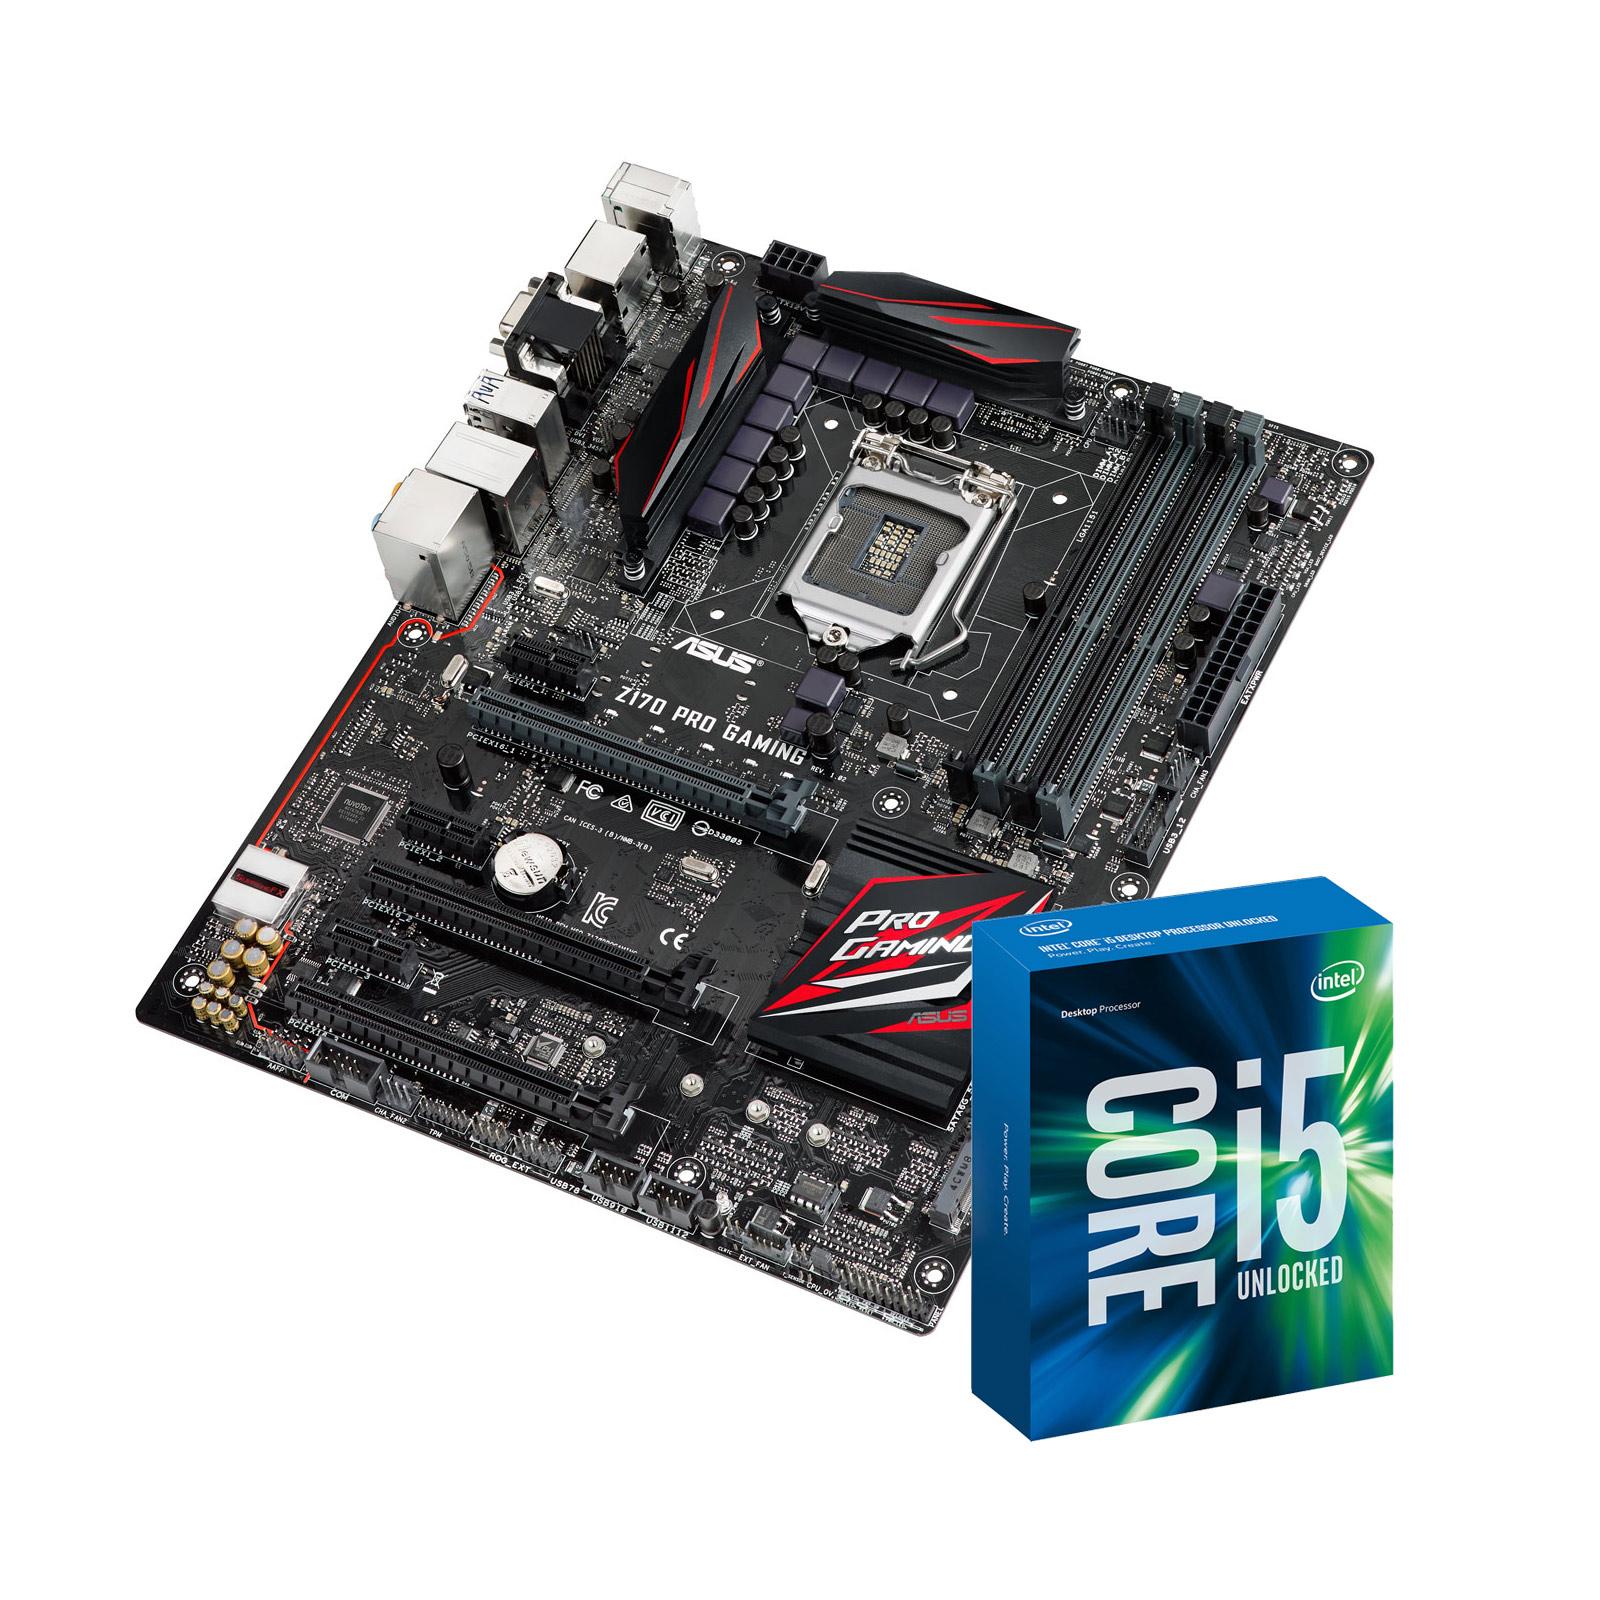 intel core i5 6600k 3 5 ghz asus z170 pro gaming. Black Bedroom Furniture Sets. Home Design Ideas